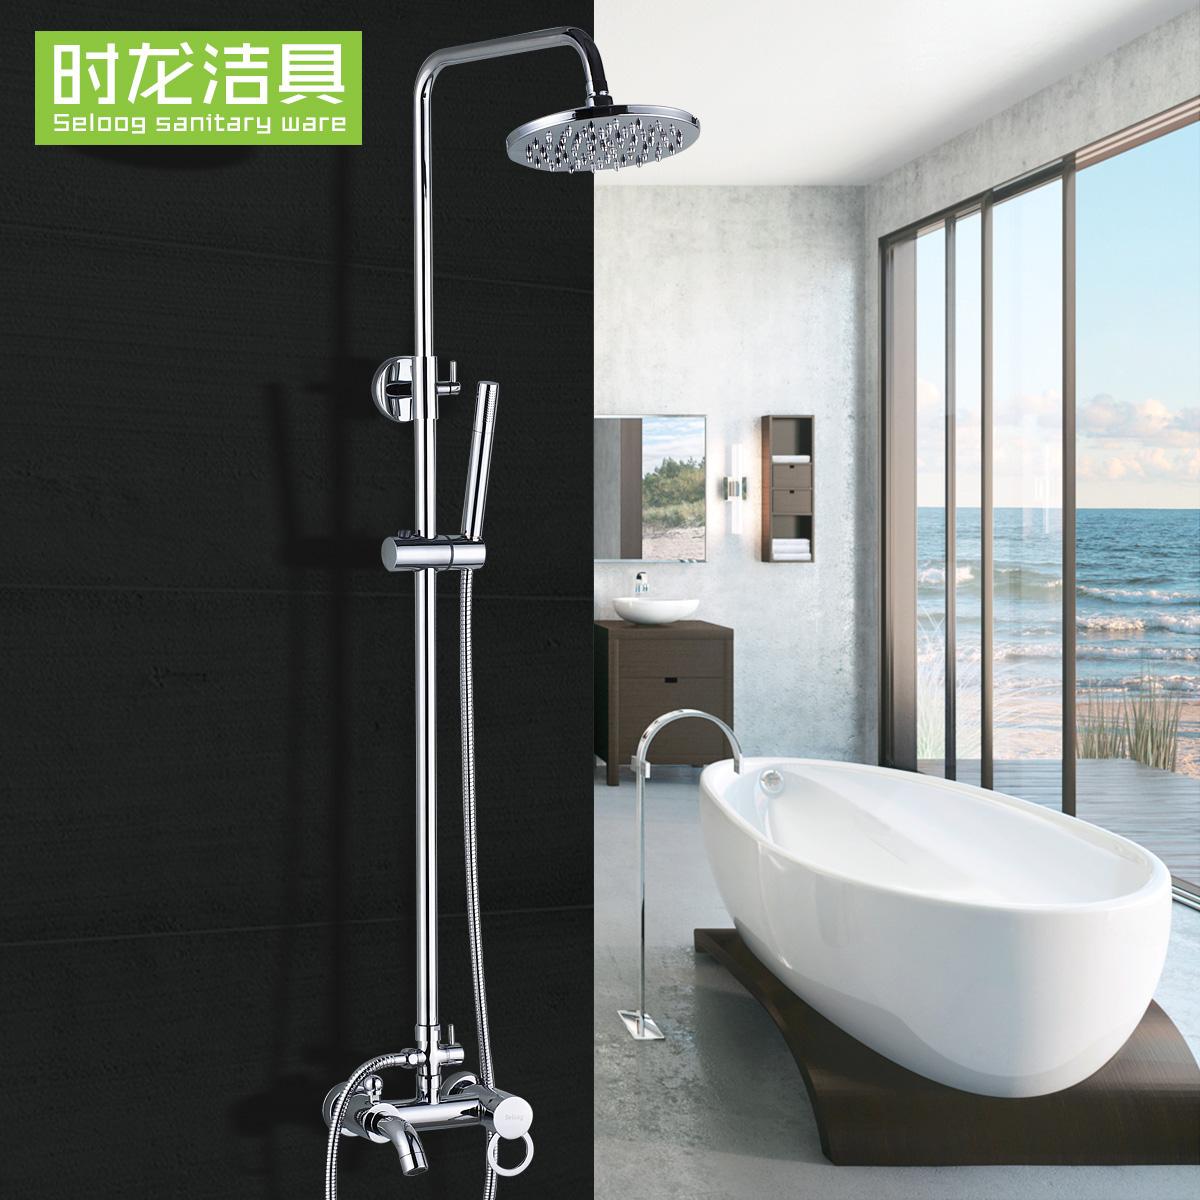 试用中心官方时龙淋浴花洒S150068